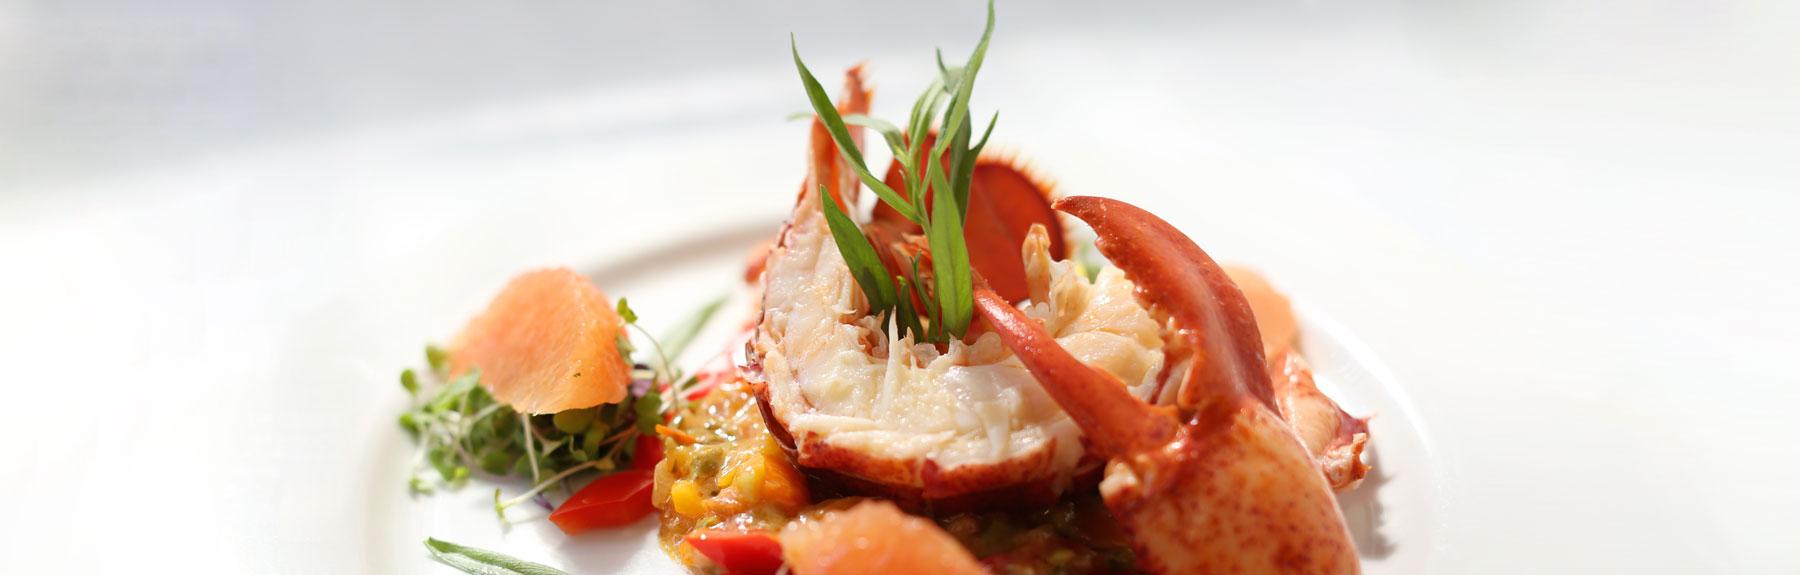 MenuBanner_Lobster2.jpg